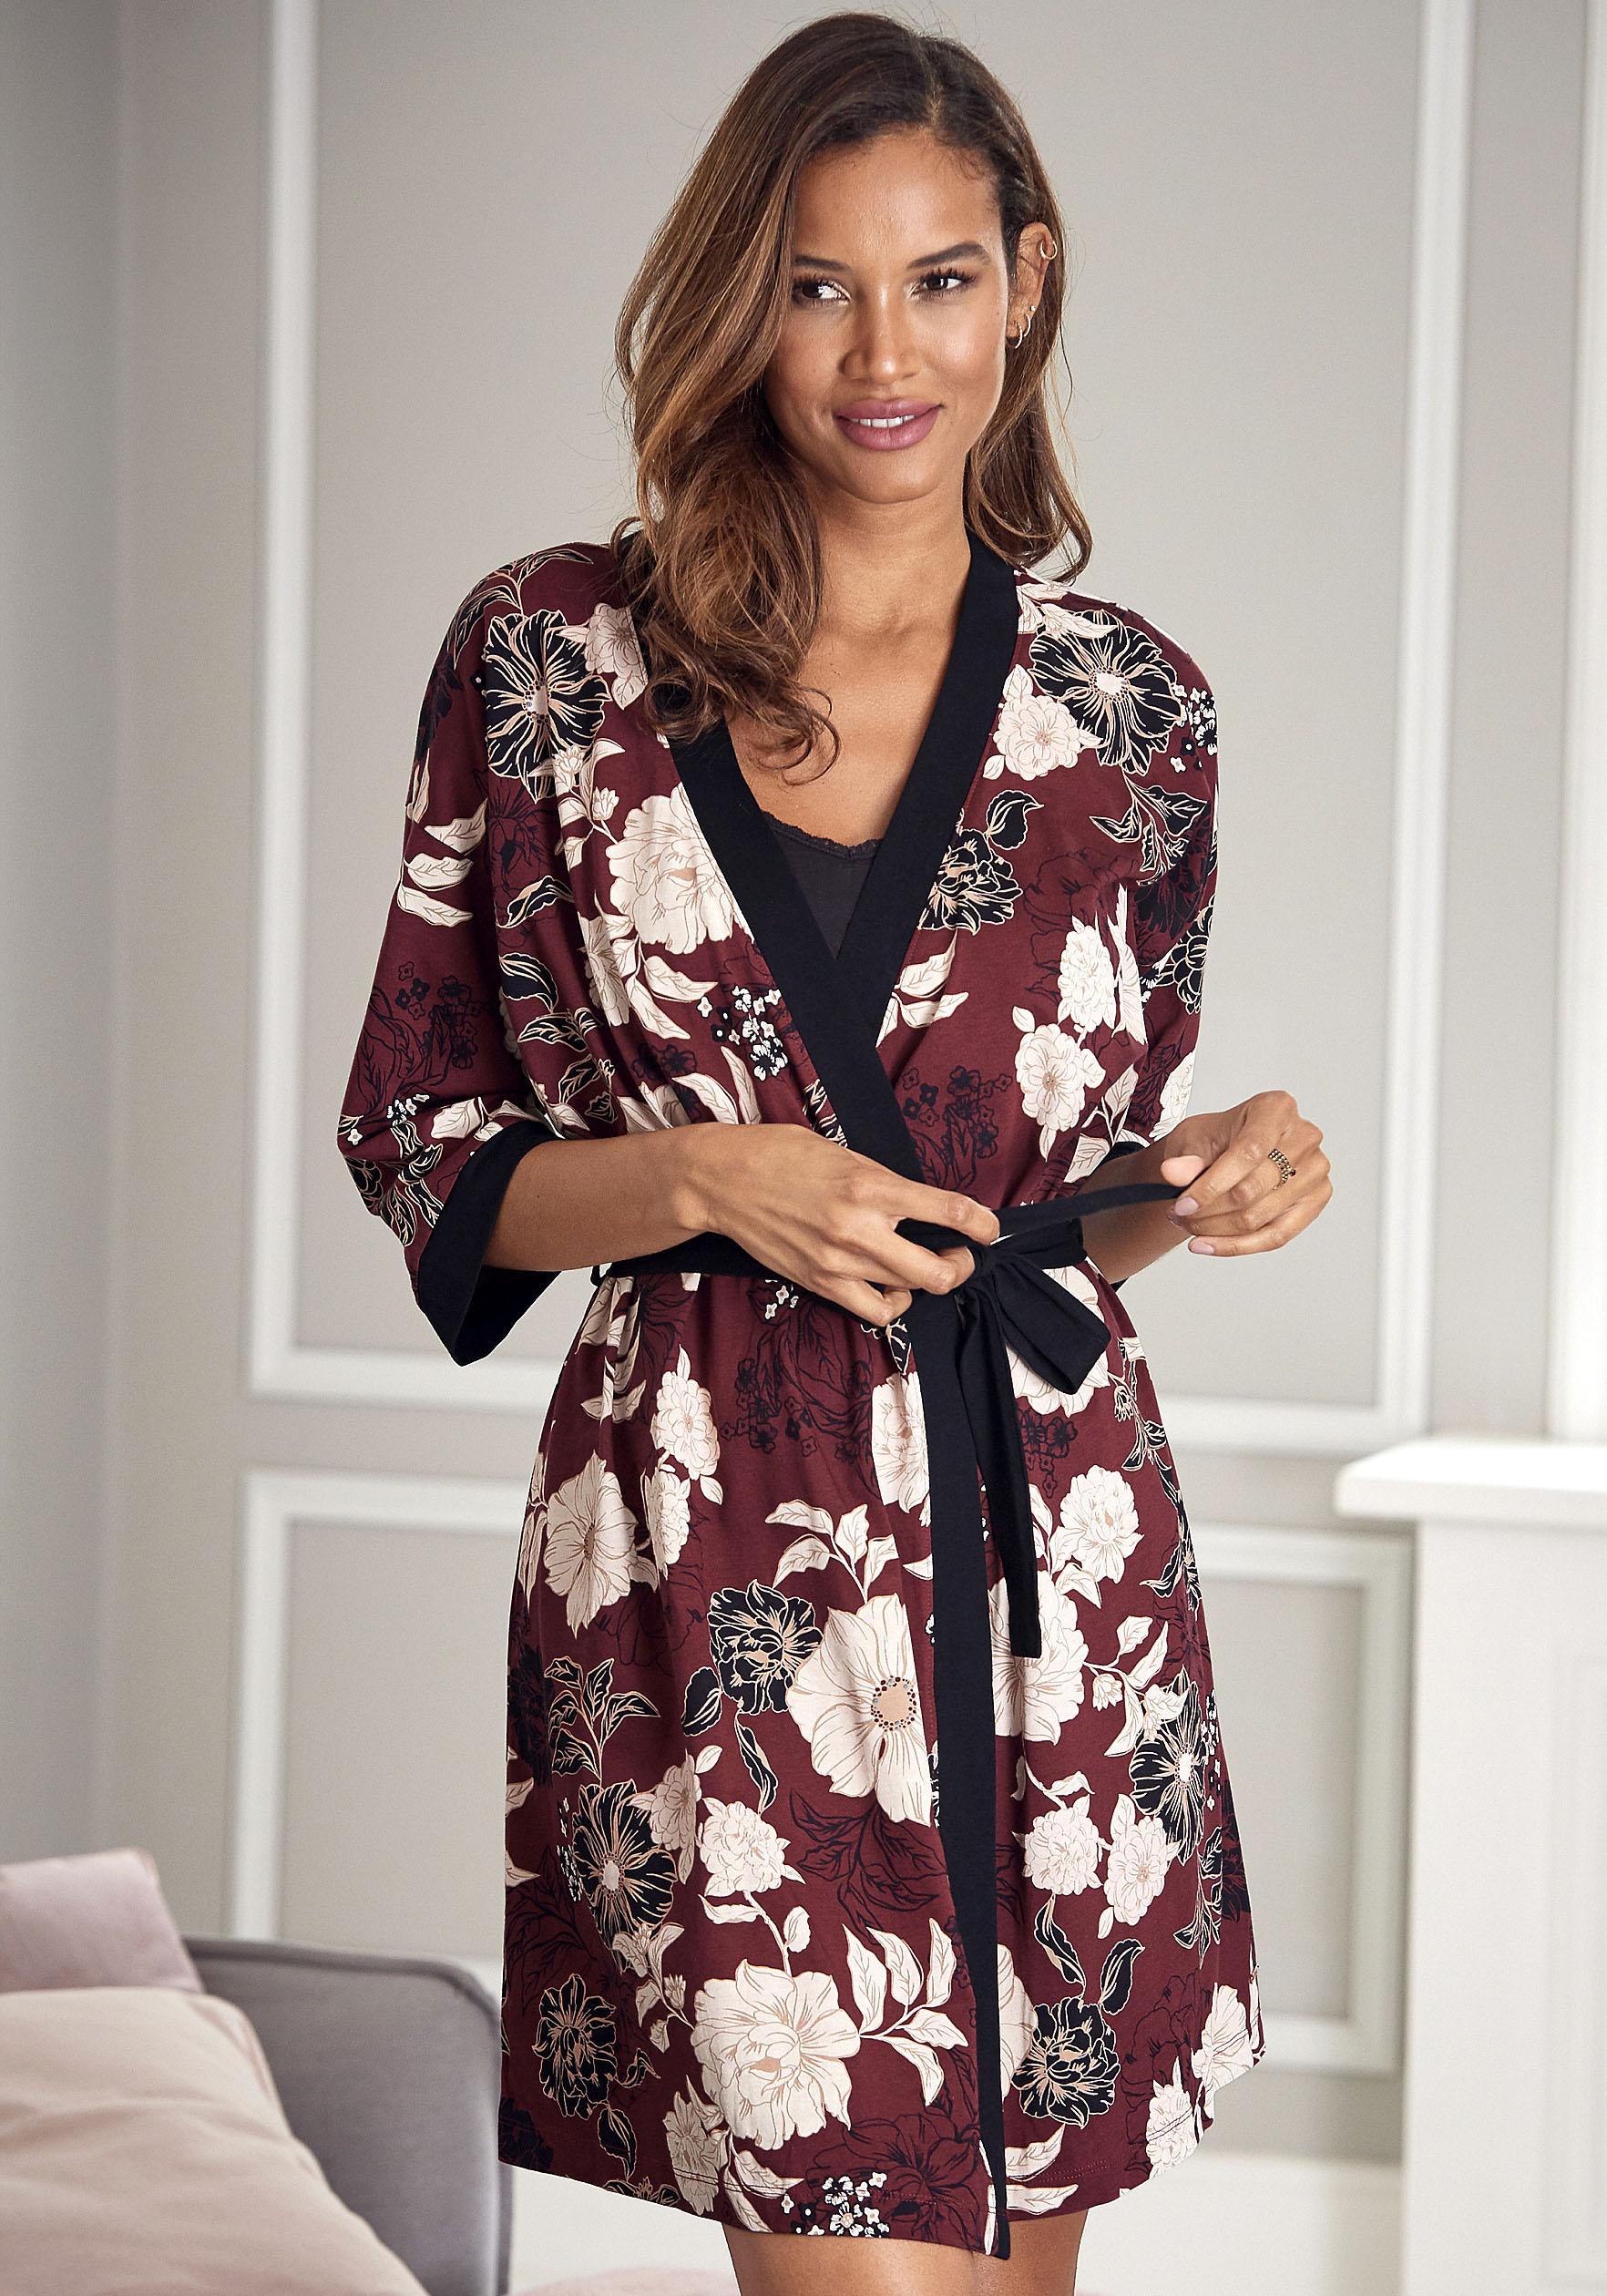 Kimono, s.Oliver, mit Blumen-Dessin günstig online kaufen